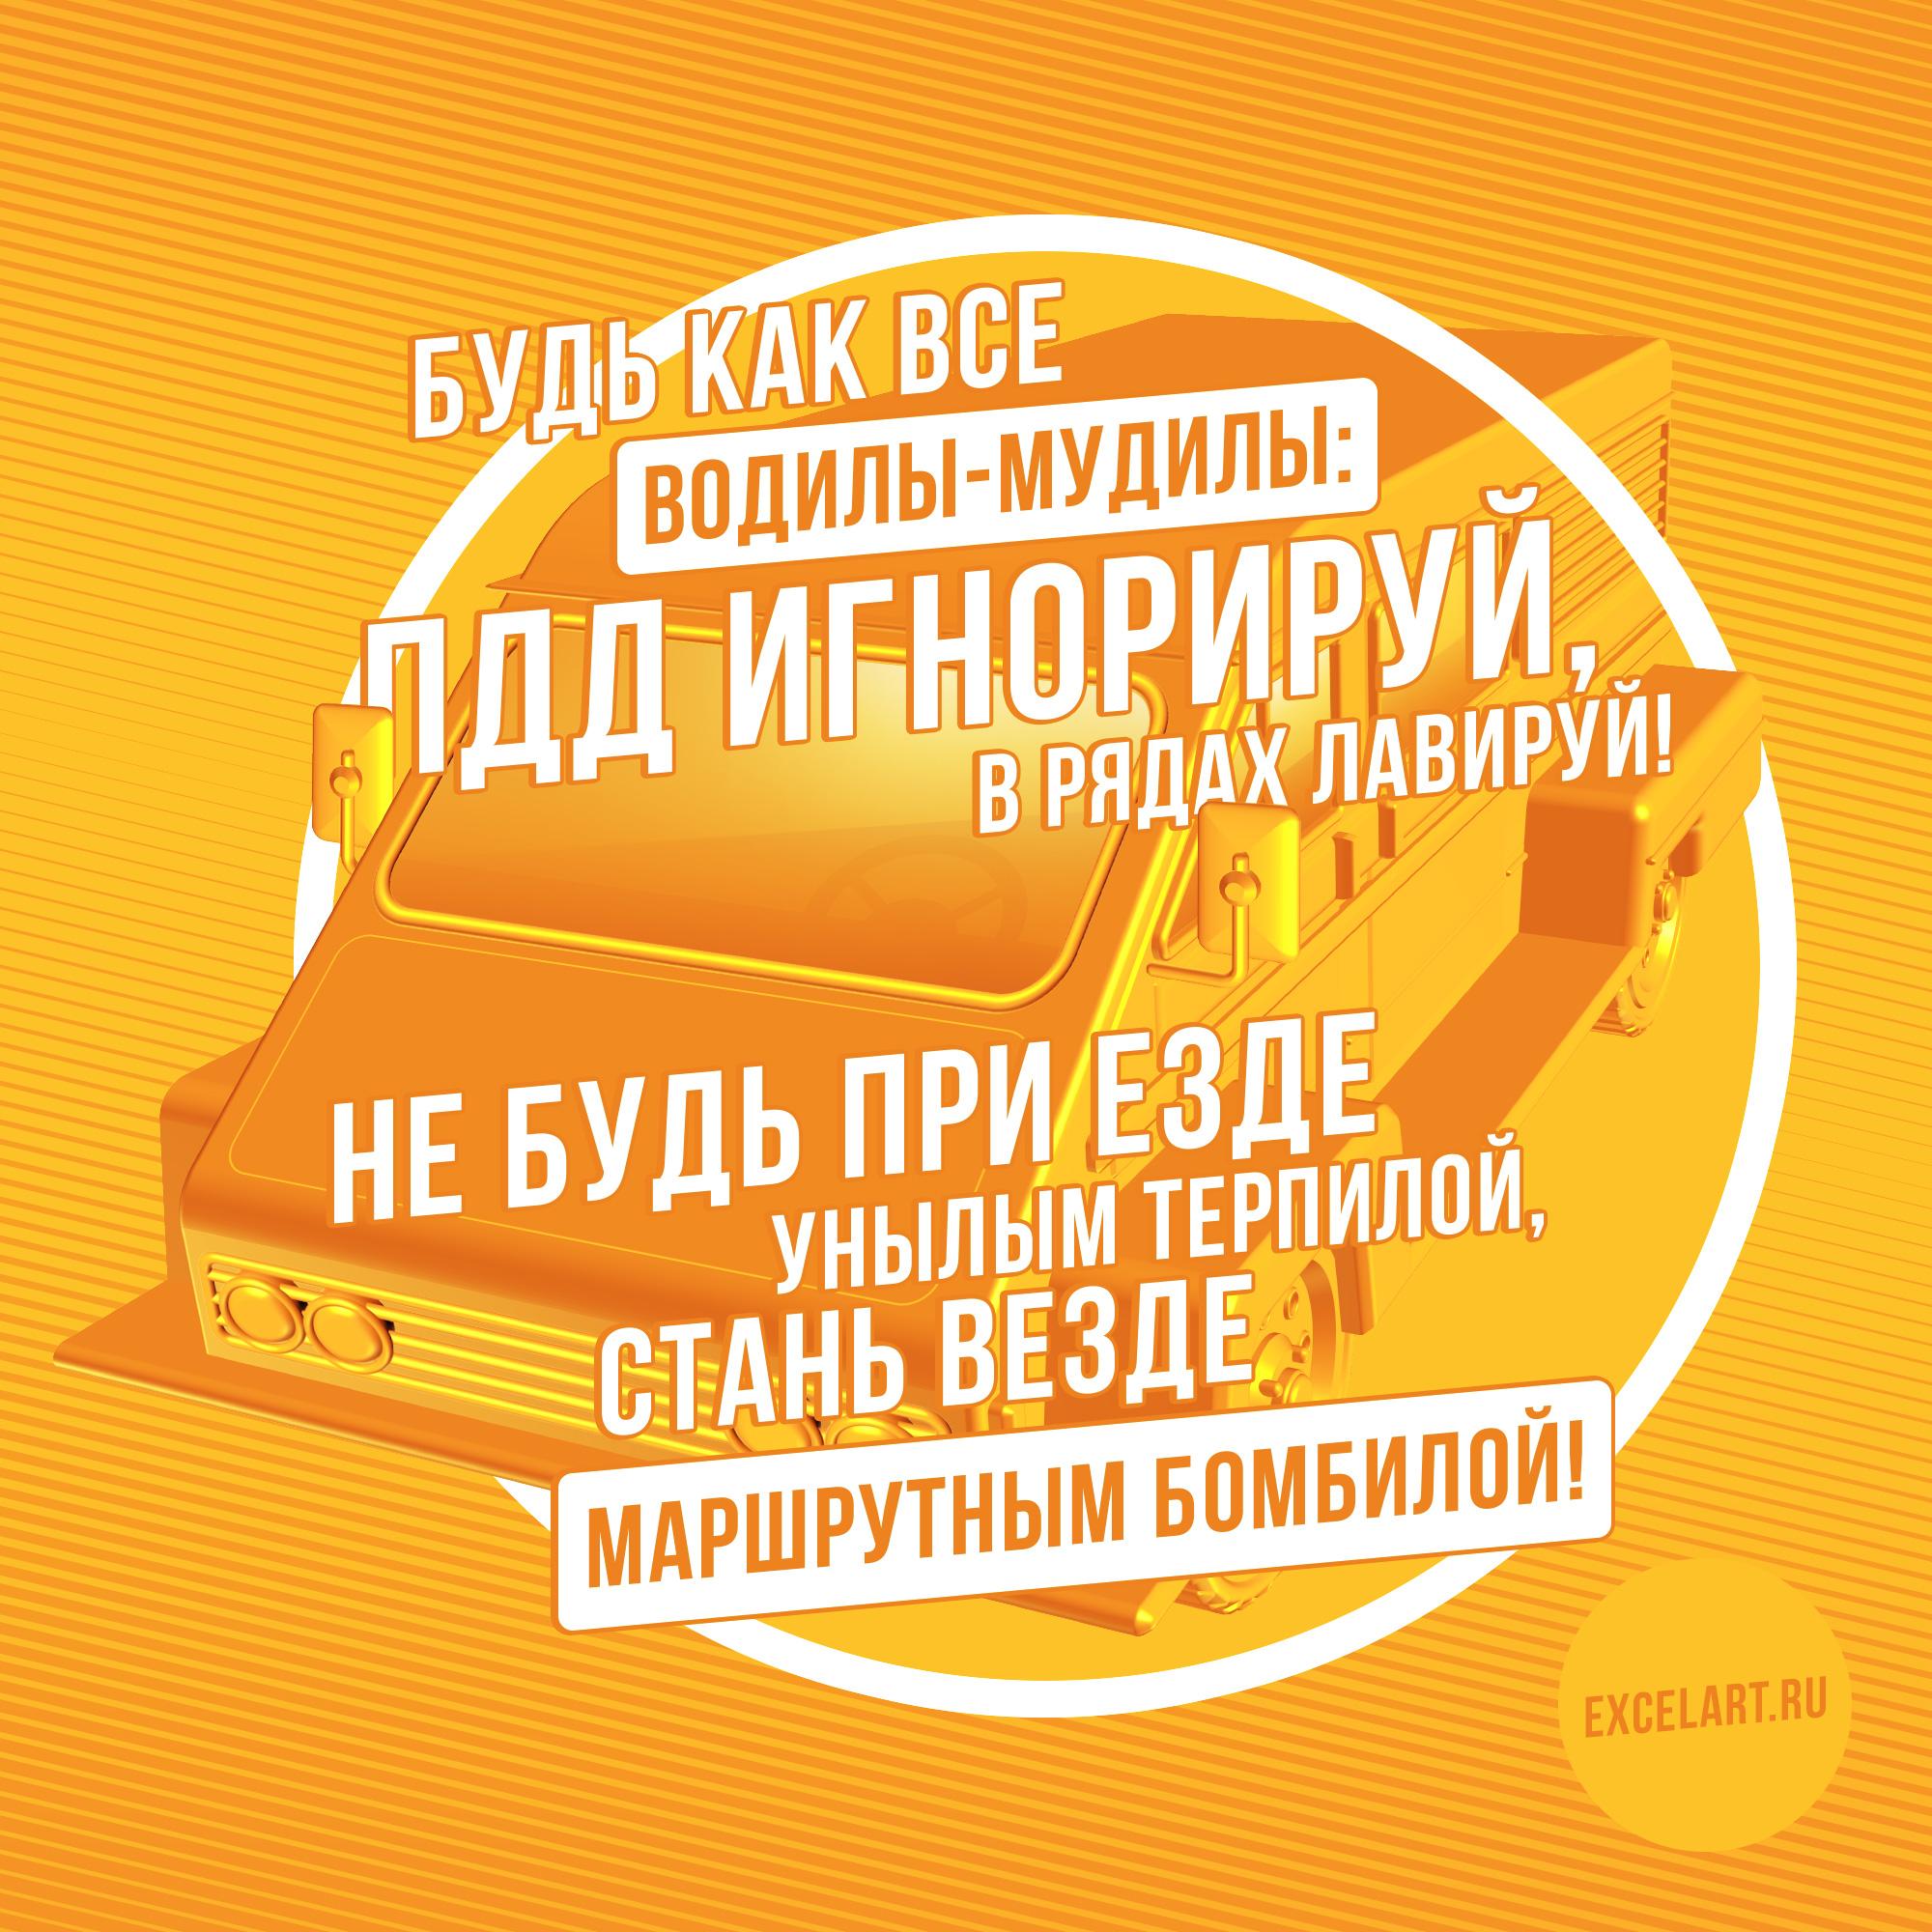 Иллюстрация. Контрпропаганда хамского поведения на дороге.